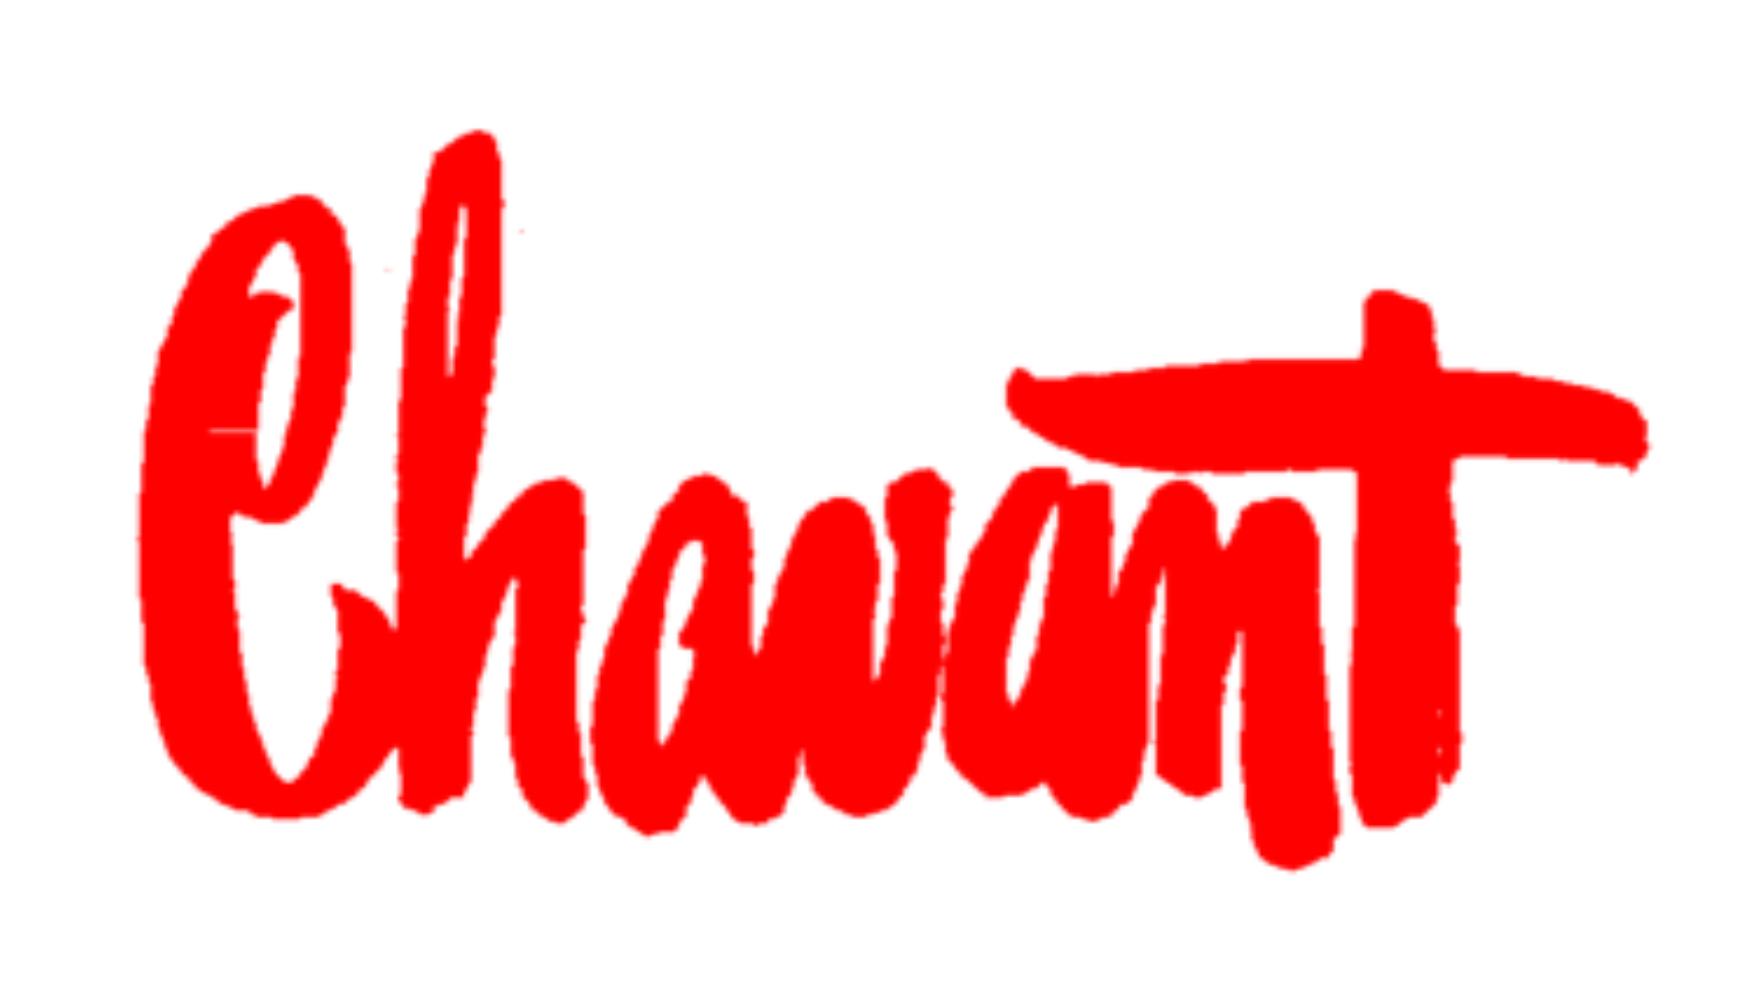 PRODUCTOS CHAVANT